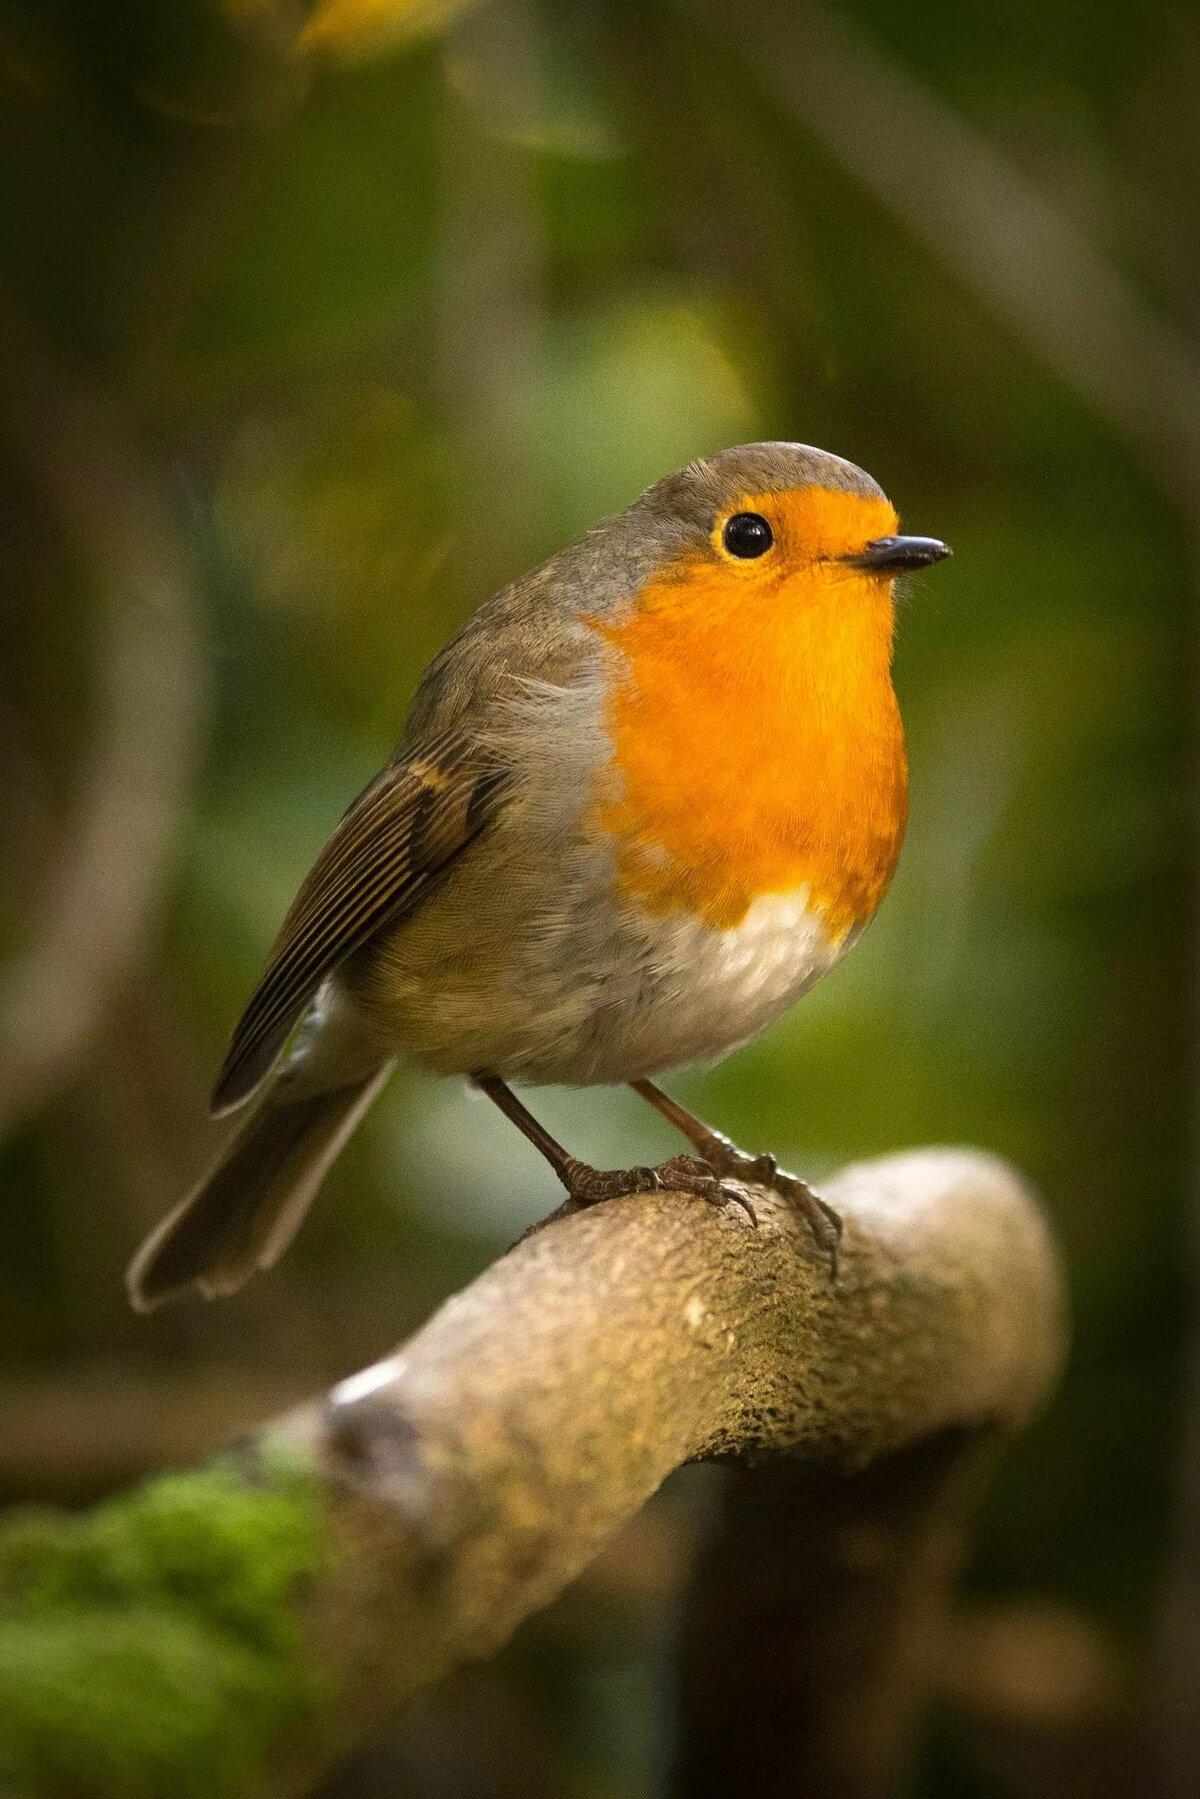 картинки птицы робина снегу прикольные фото